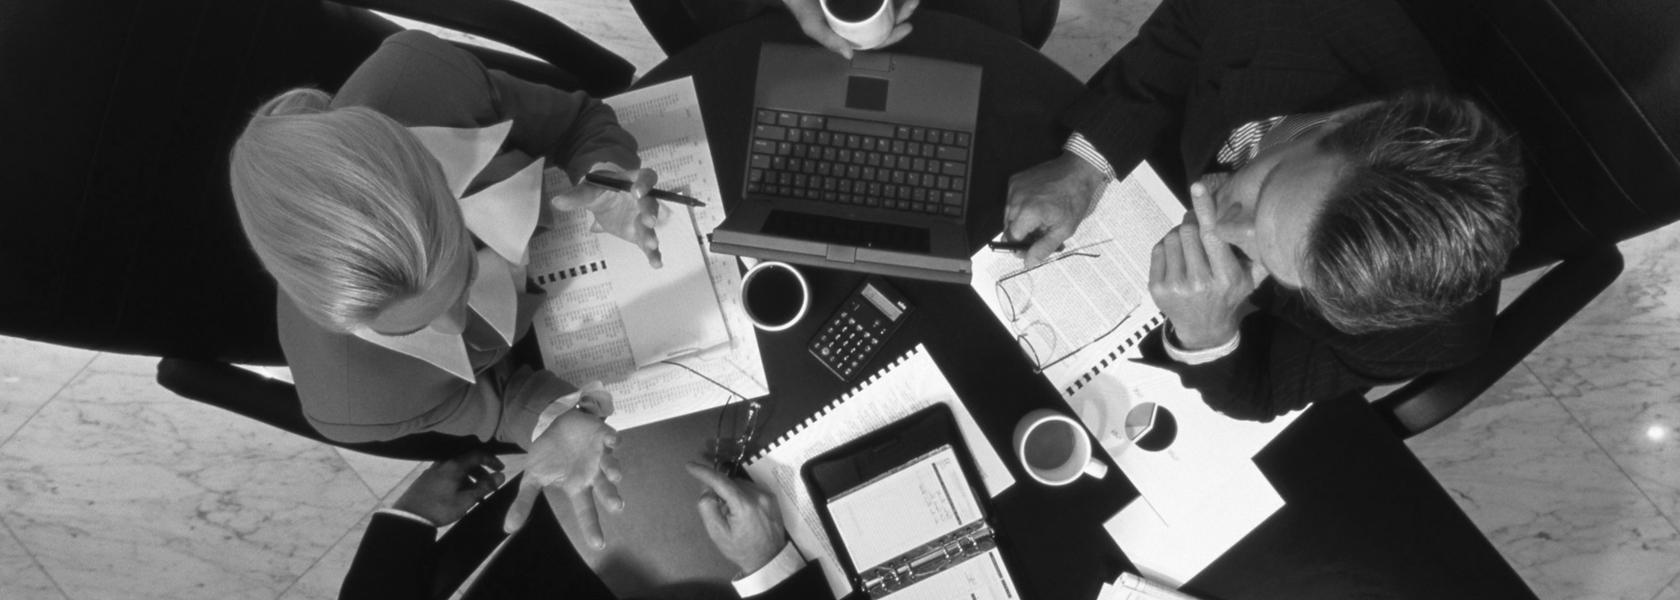 Irish Company Formation: Irish Company Secretarial Services